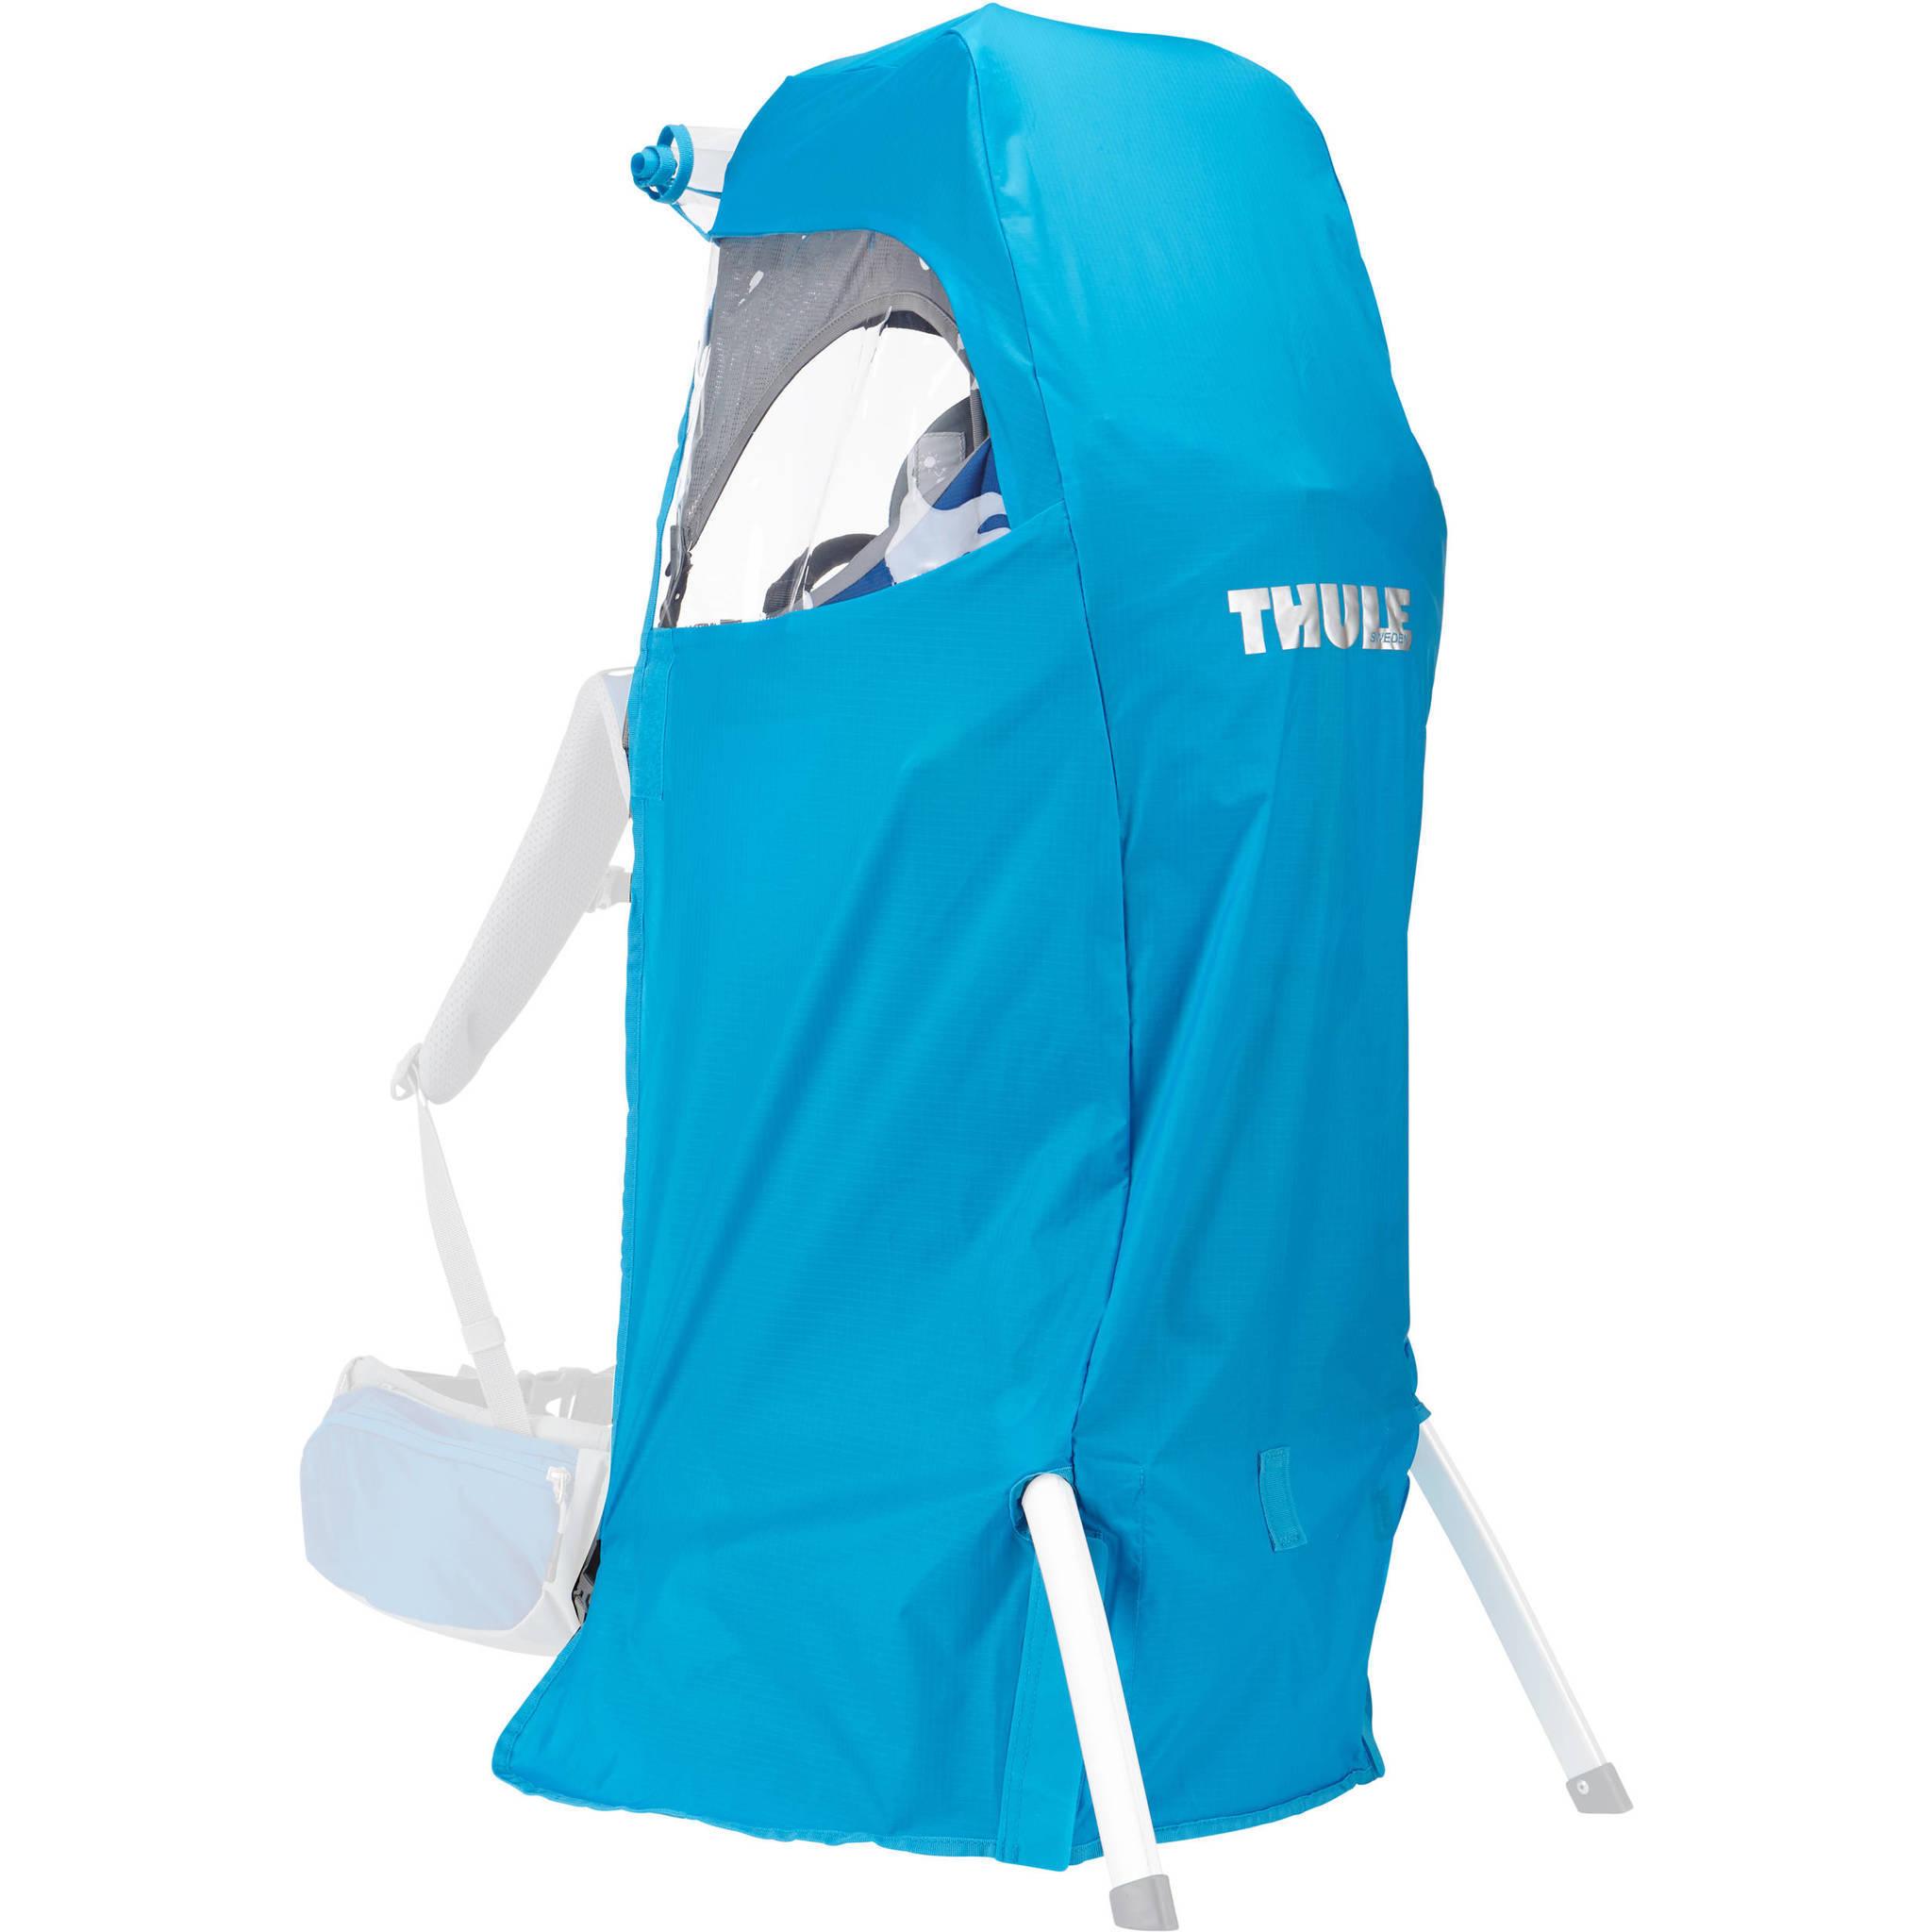 Туристические рюкзаки Thule Накидка от дождя Thule Supling Child Carrier 210300.jpg